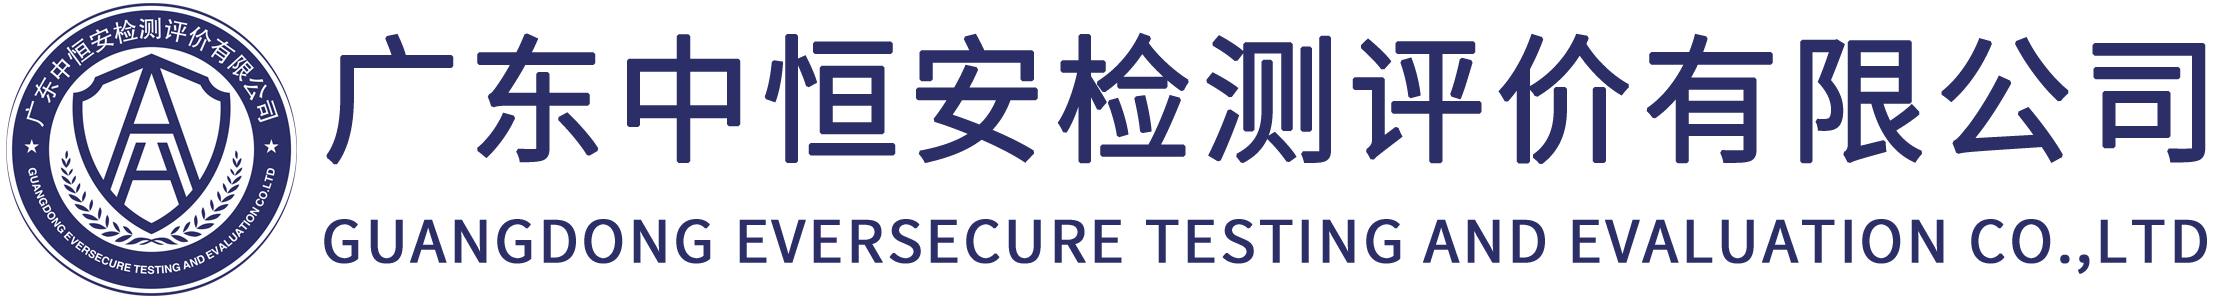 廣東狮威平台檢測評價有限公司